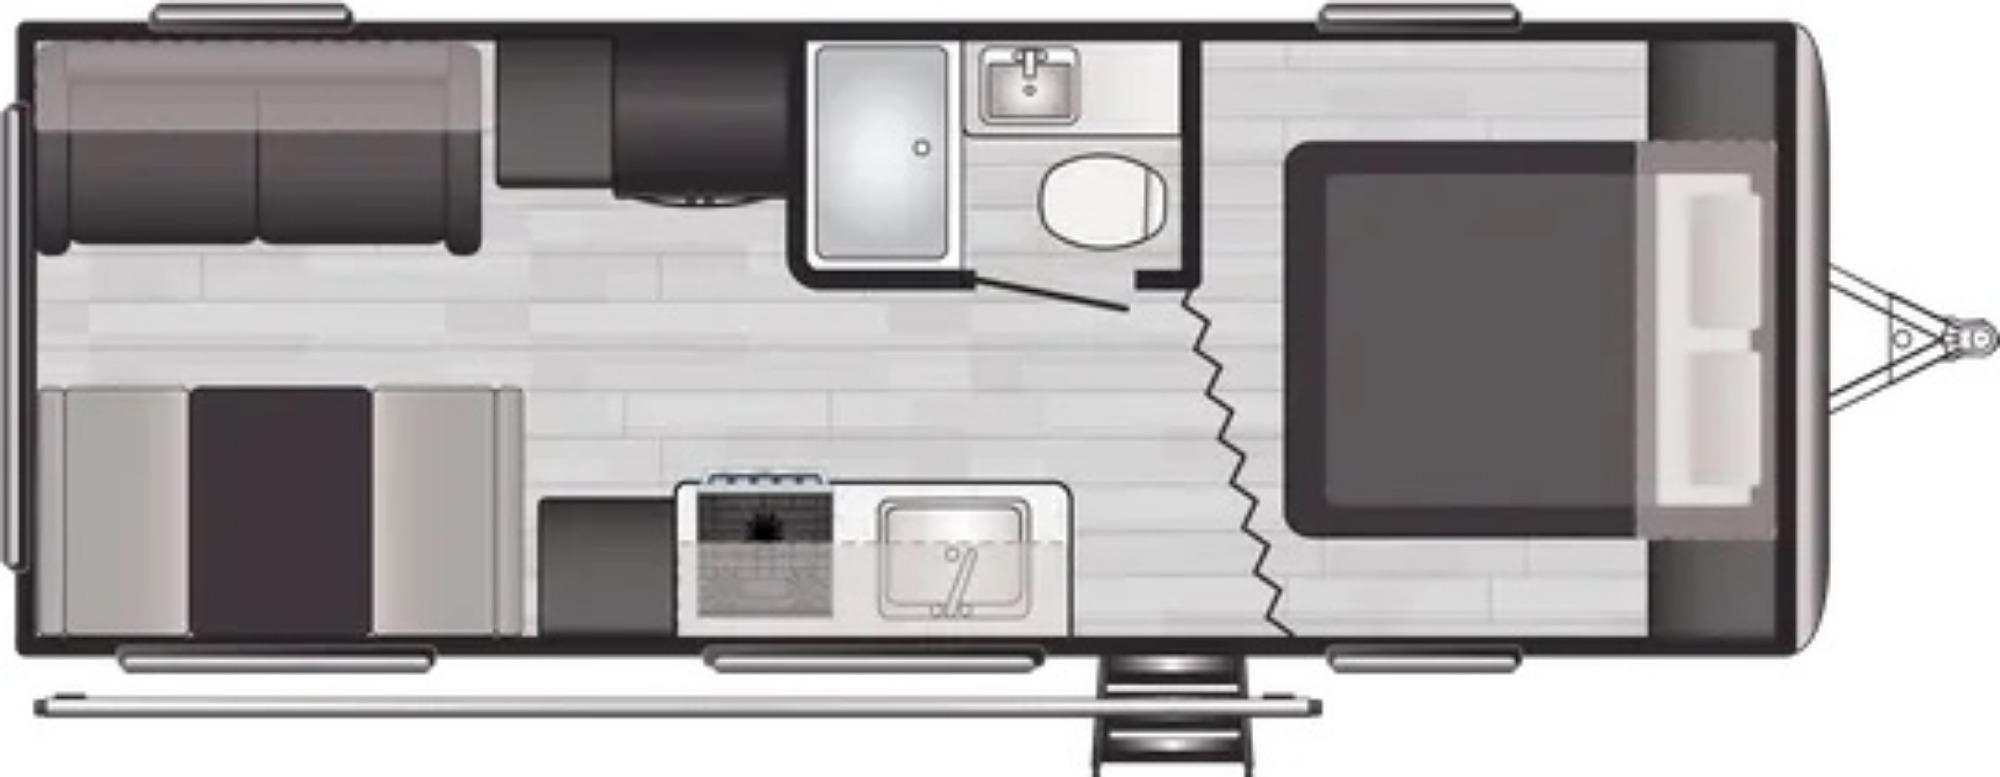 View Floor Plan for 2022 KEYSTONE SPRINGDALE 220RD